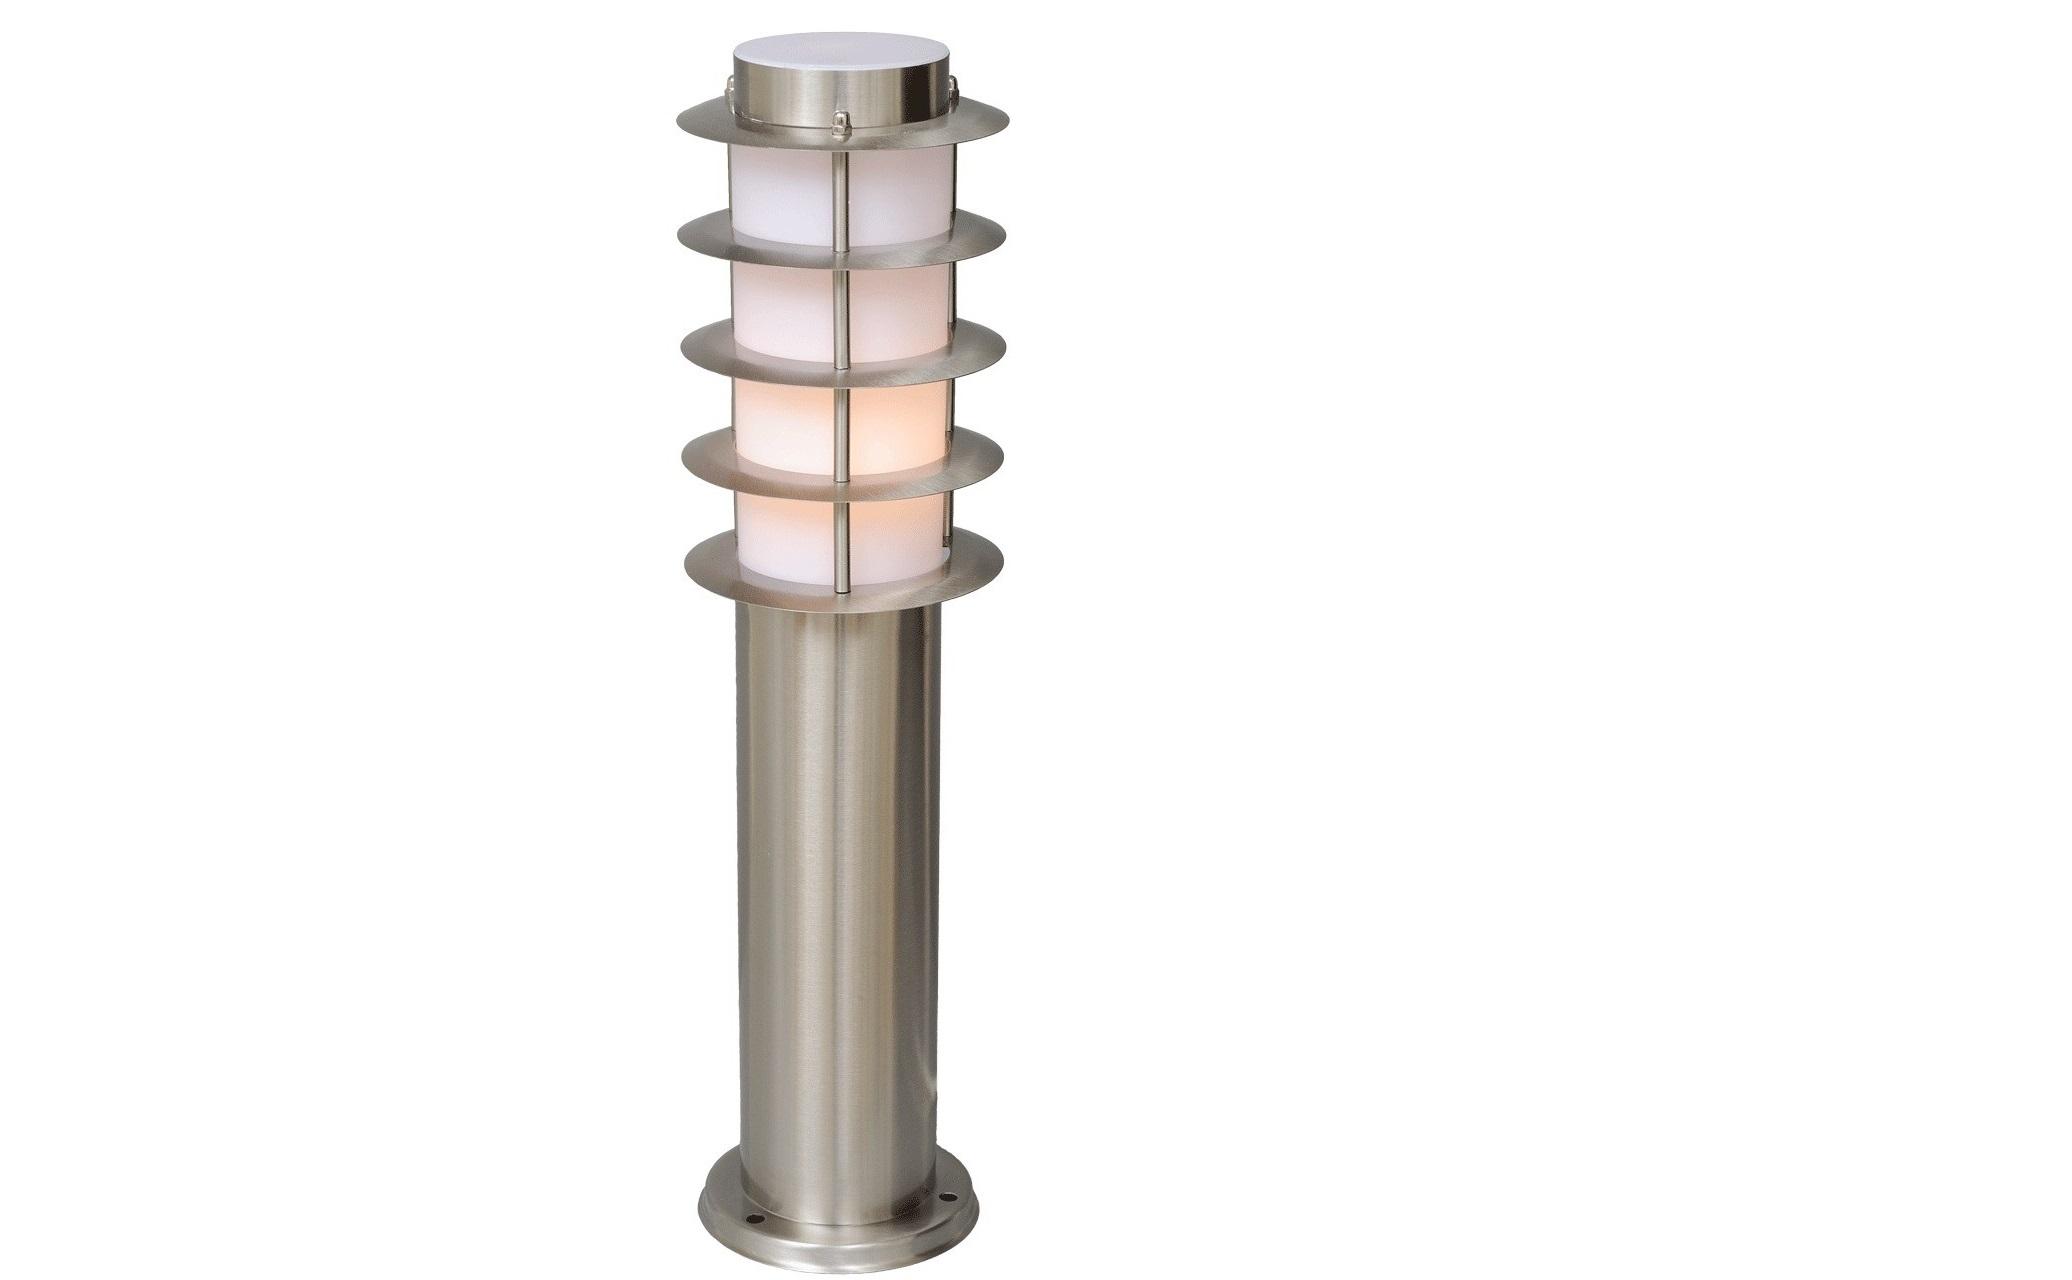 Уличный светильник ПлутонУличные наземные светильники<br>&amp;lt;div&amp;gt;Основание &amp;amp;nbsp;из стали, плафоны из матового акрила.&amp;lt;/div&amp;gt;&amp;lt;div&amp;gt;&amp;lt;br&amp;gt;&amp;lt;/div&amp;gt;&amp;lt;div&amp;gt;Мощность 1*40W&amp;lt;/div&amp;gt;&amp;lt;div&amp;gt;Цоколь E27&amp;lt;/div&amp;gt;&amp;lt;div&amp;gt;Рабочее напряжение &amp;amp;nbsp;220 V&amp;amp;nbsp;&amp;lt;/div&amp;gt;&amp;lt;div&amp;gt;Степень защиты светильников от пыли и влаги IP 44&amp;lt;/div&amp;gt;<br><br>Material: Сталь<br>Height см: 45<br>Diameter см: 11